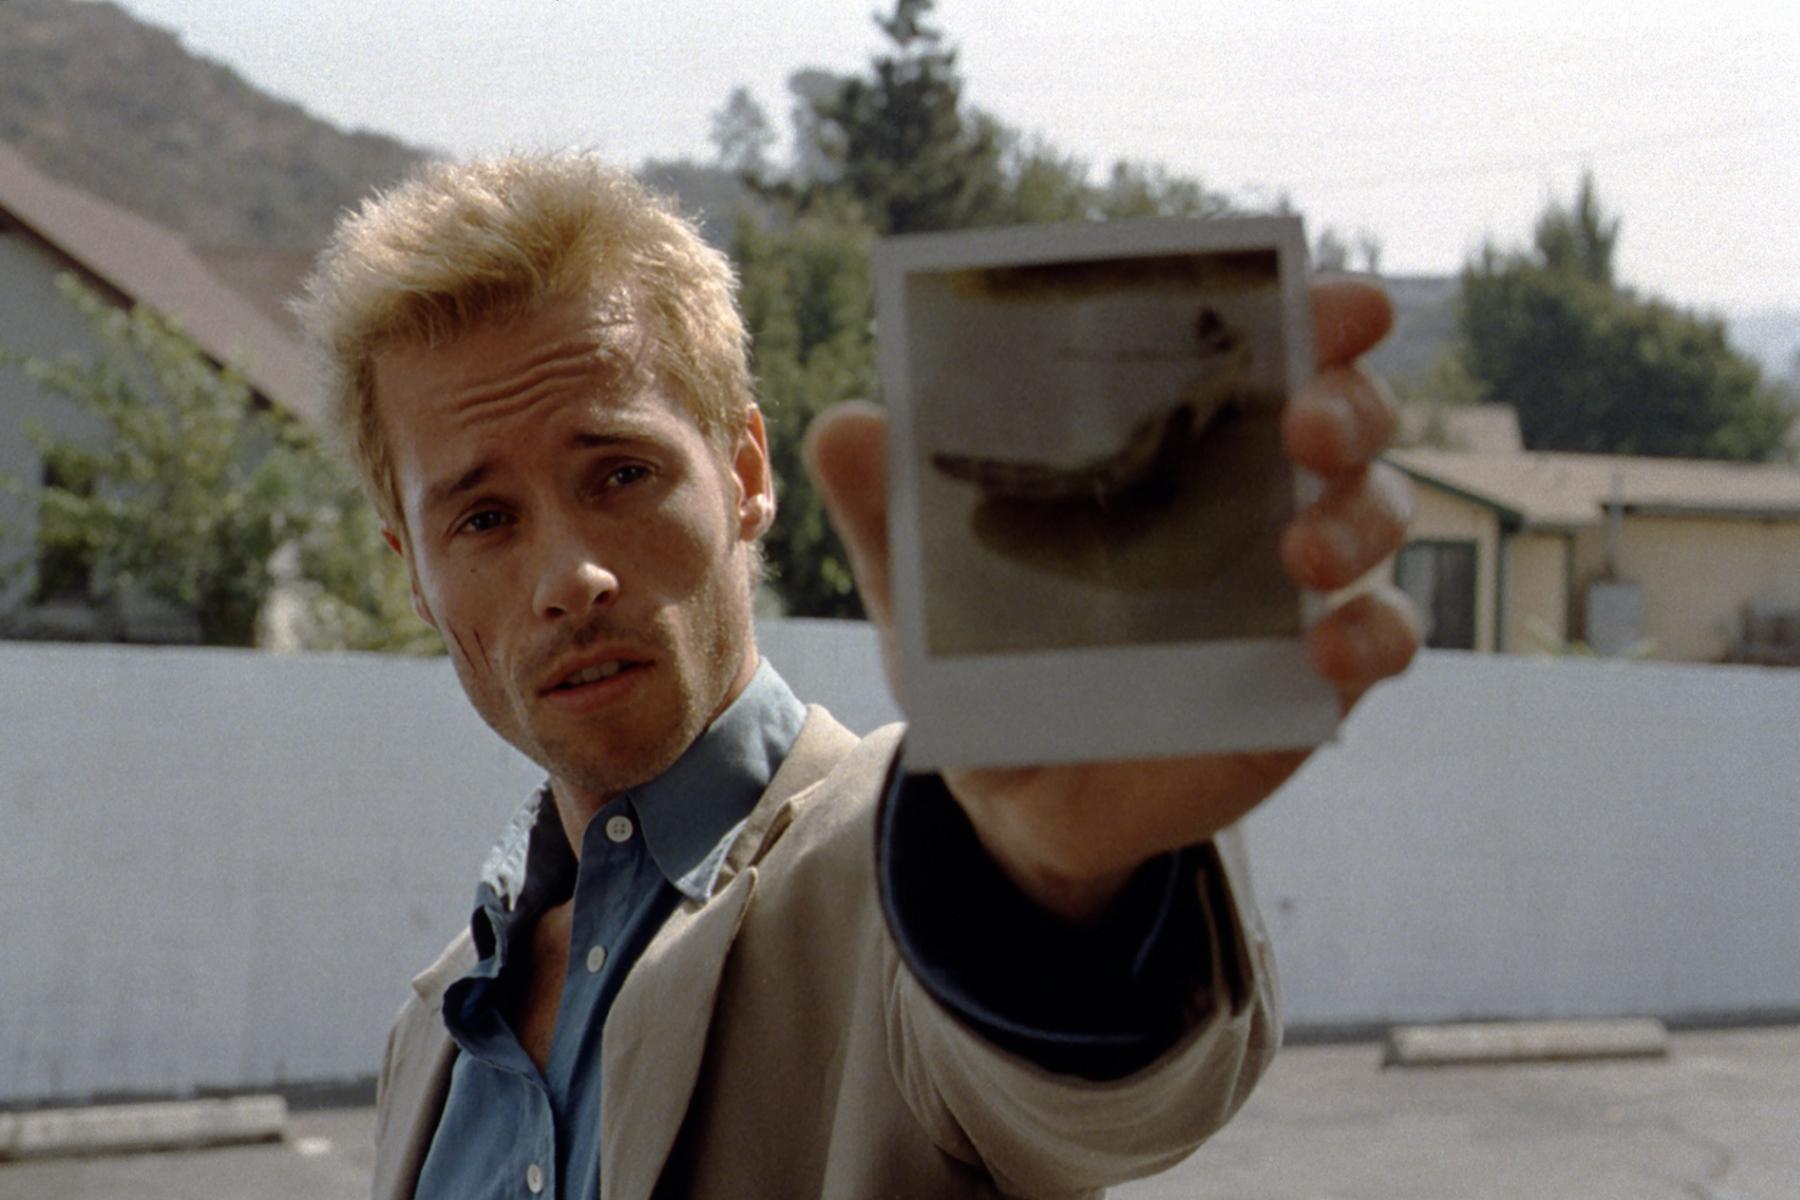 本片將會以原版倒敘版重返大銀幕,圖為男主角蓋皮爾斯